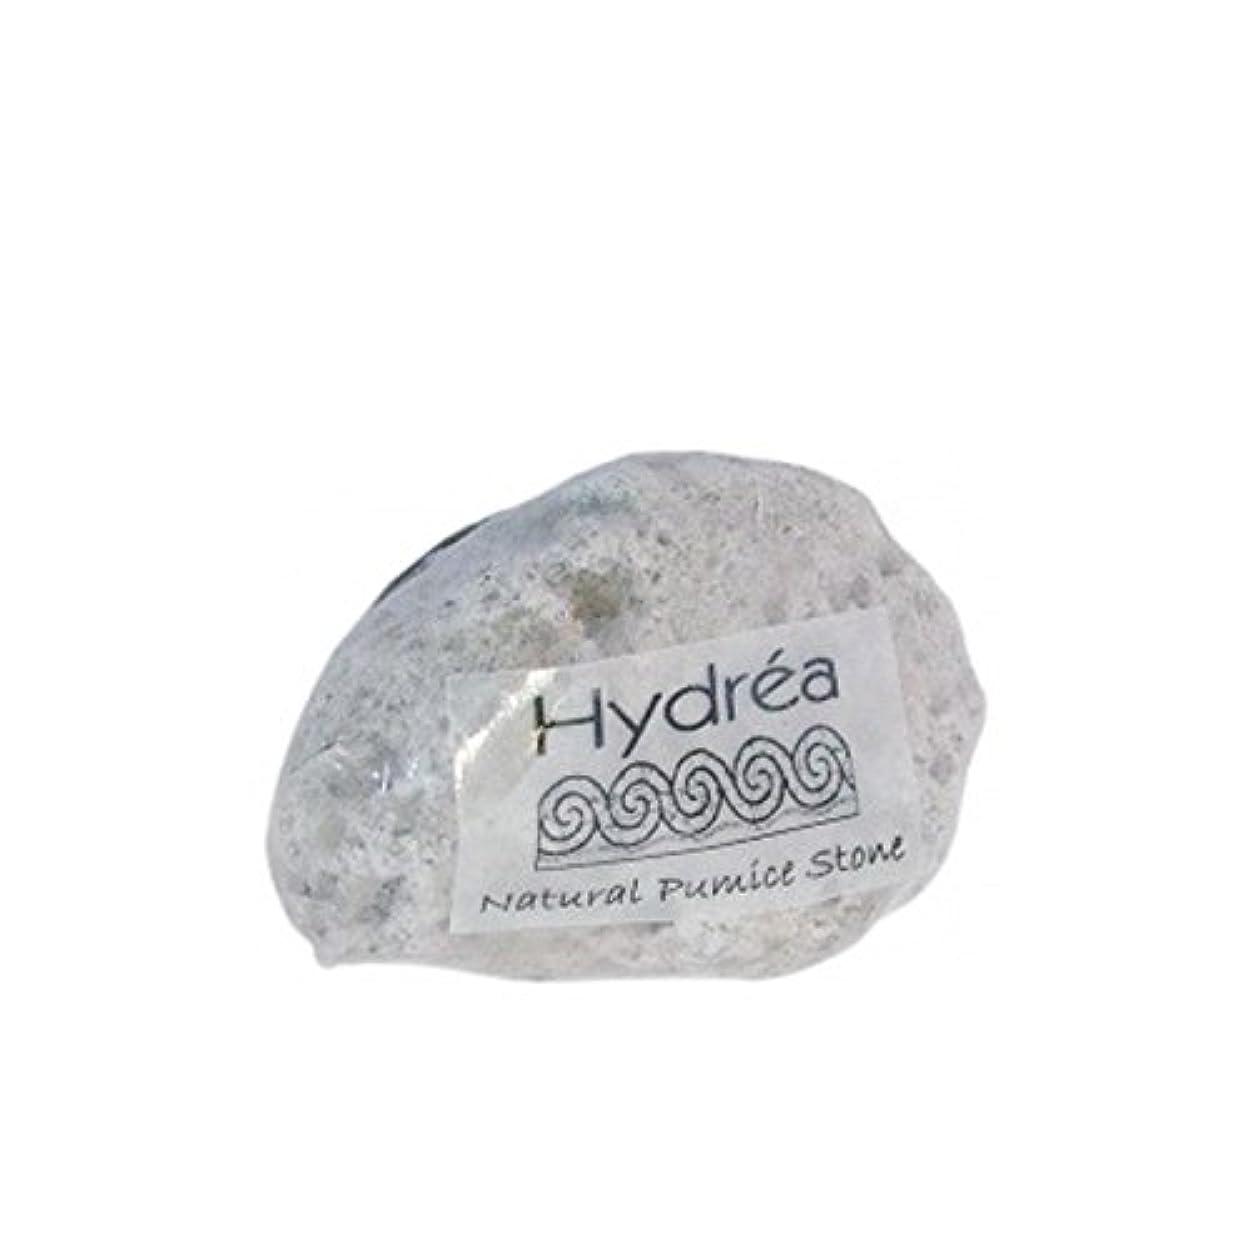 拍手教義ぞっとするようなハイドレアロンドン - 自然軽石 x2 - Hydrea London - Natural Pumice Stone (Pack of 2) [並行輸入品]